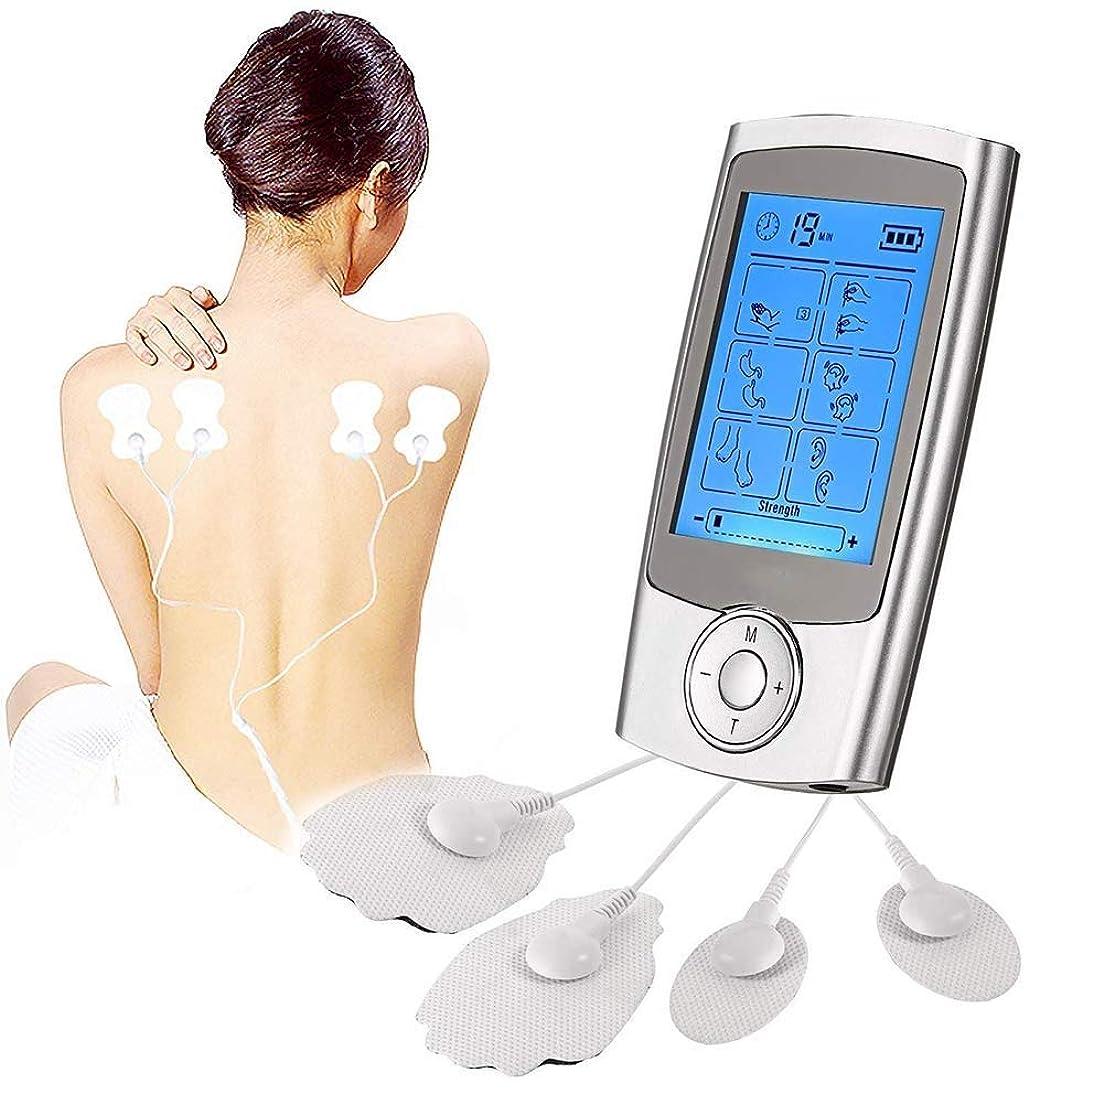 参照する意味極めてマッサージステッカー 10の機械痛みの軽減機械、EMSのマッサージ16のモードおよび背中の首の圧力坐骨の痛みを扱うための8つのパッドのマッサージャーが付いている疼痛管理そしてリハビリテーションのための10の機械療法装置